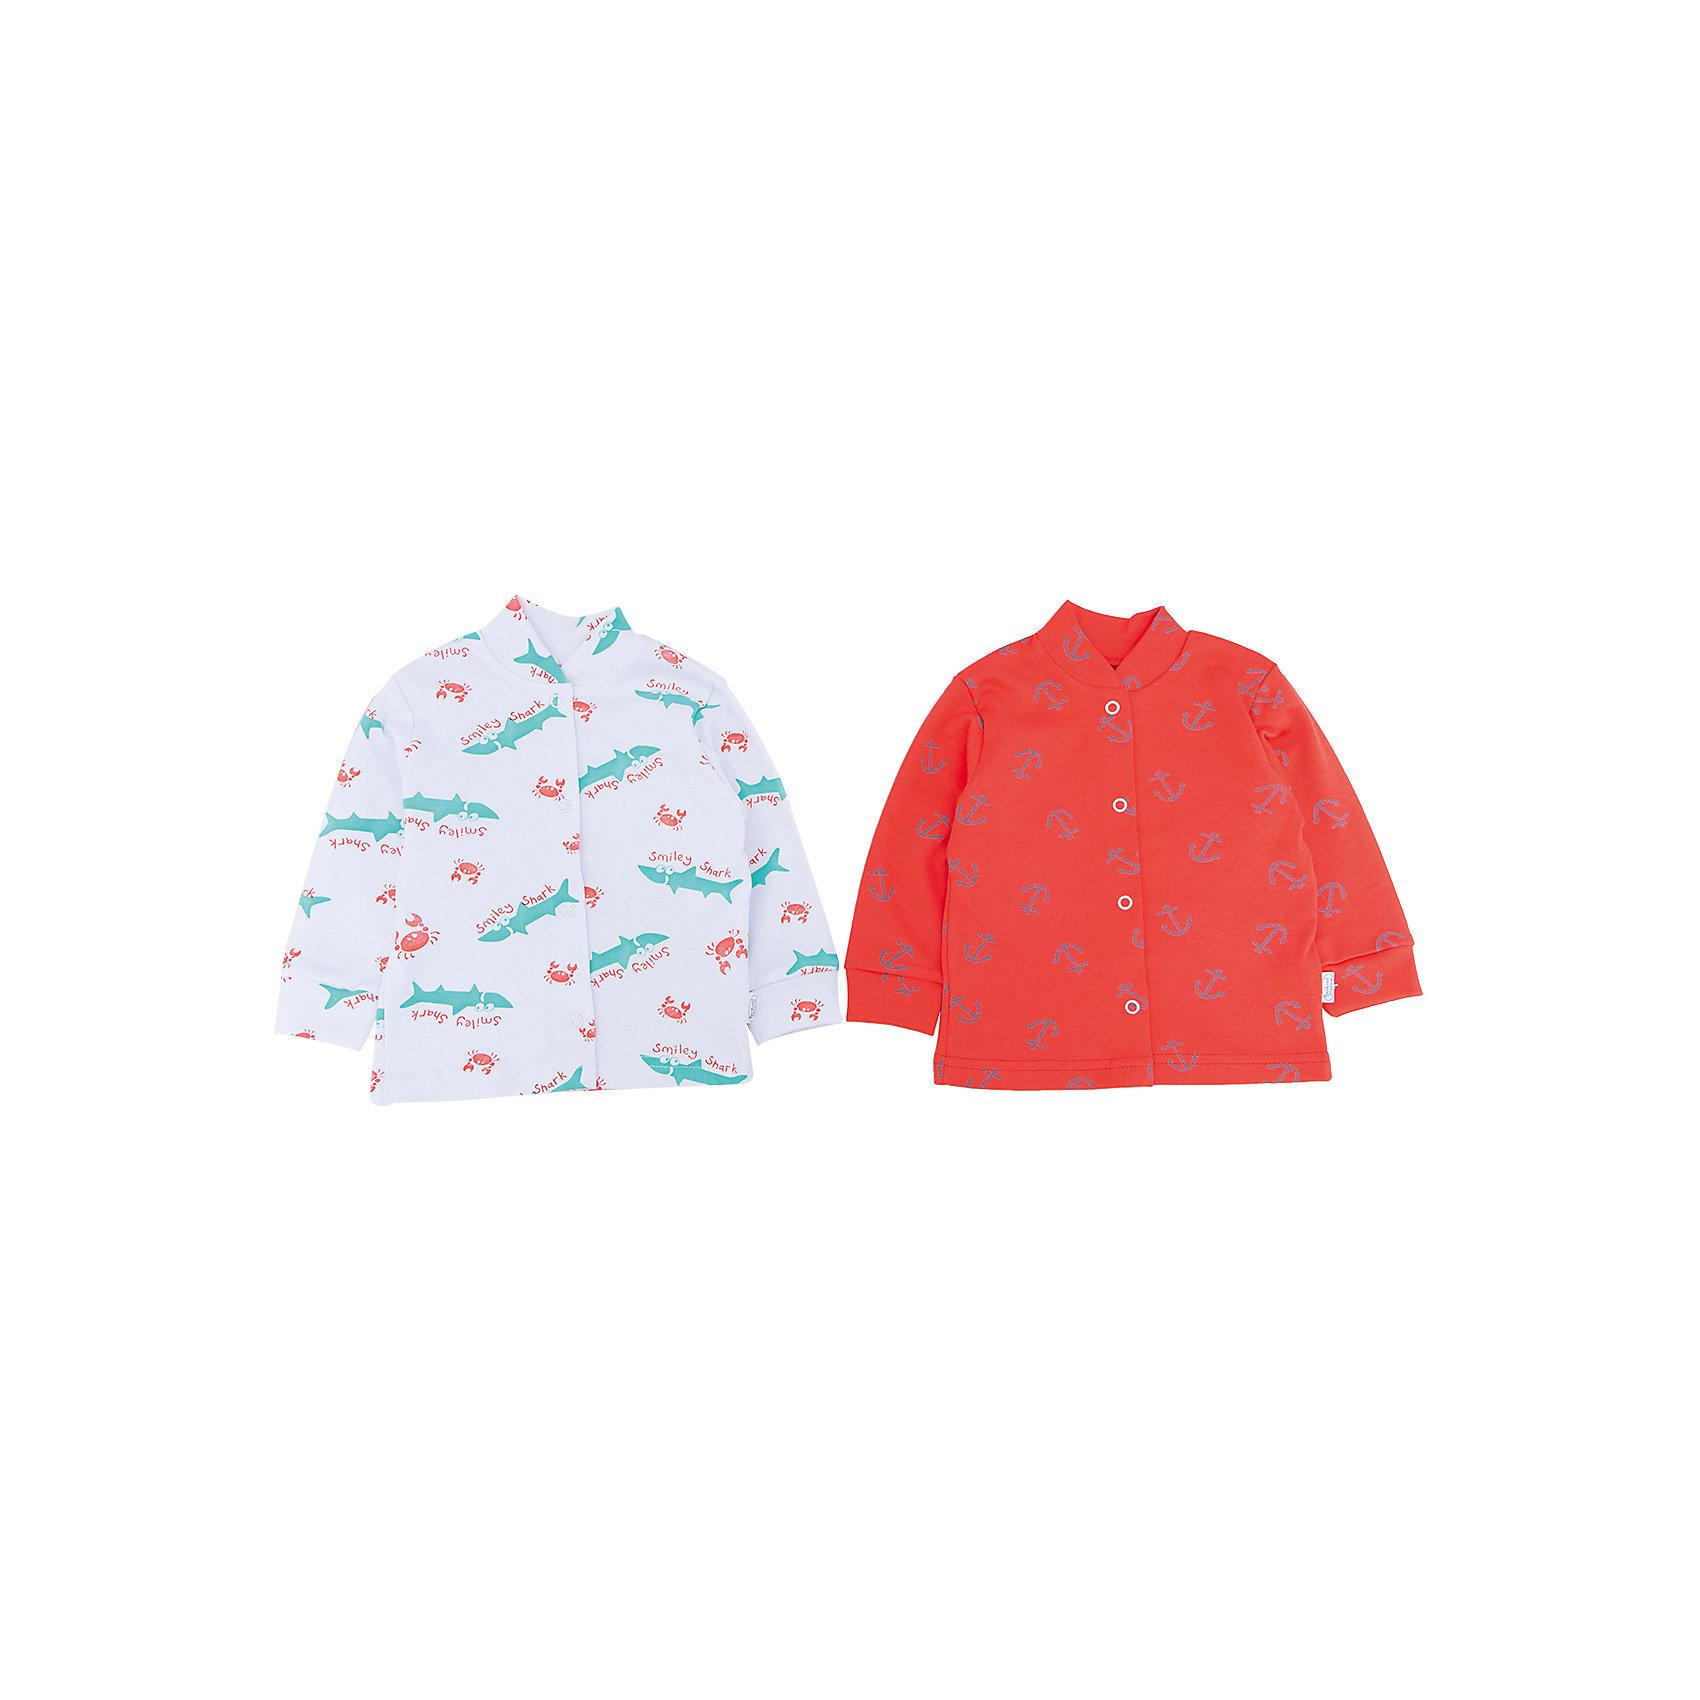 Кофточка, 2 шт. Веселый малышЯркие кофточки от российского бренда Веселый малыш имеют воротник-стойку и манжеты с резинками. Они отлично защитят от холода и порадуют яркой расцветкой. Кофточки изготовлены из качественного хлопка. Он приятен телу, хорошо сохраняет свои свойства, а швы одежды не вызывают раздражения на нежной коже. Кофточки отличаются оригинальным дизайном на морскую тематику: белая с изображением морских жителей и оранжевая с якорями. Порадуйте кроху яркой одеждой!<br><br>Дополнительная информация:<br>Материал: интерлок<br>Состав: 100% хлопок<br>Цвет: оранжевый<br>Серия: Twin<br><br>Купить комплект из 2-х кофточек Веселый малыш можно в нашем интернет-магазине.<br><br>Ширина мм: 157<br>Глубина мм: 13<br>Высота мм: 119<br>Вес г: 200<br>Цвет: оранжевый<br>Возраст от месяцев: 6<br>Возраст до месяцев: 9<br>Пол: Унисекс<br>Возраст: Детский<br>Размер: 74,80,62,56,68<br>SKU: 4810348